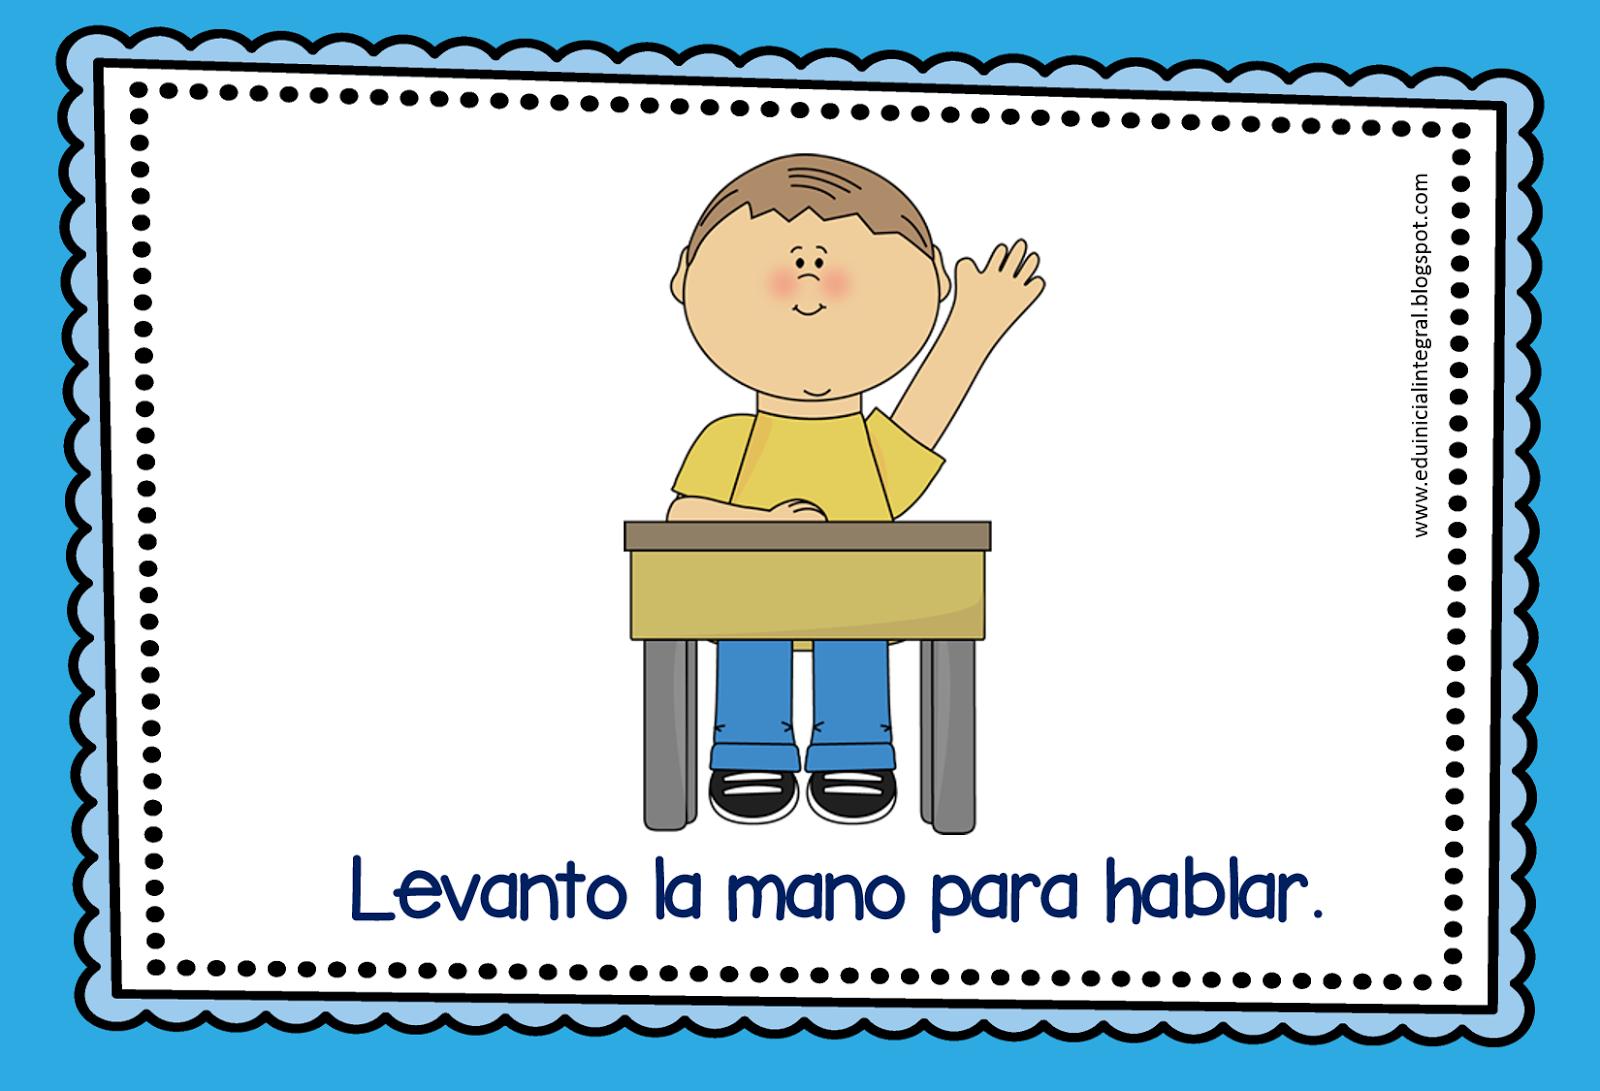 Educaci n inicial para todos normas de convivencia for 10 reglas para el salon de clases en ingles